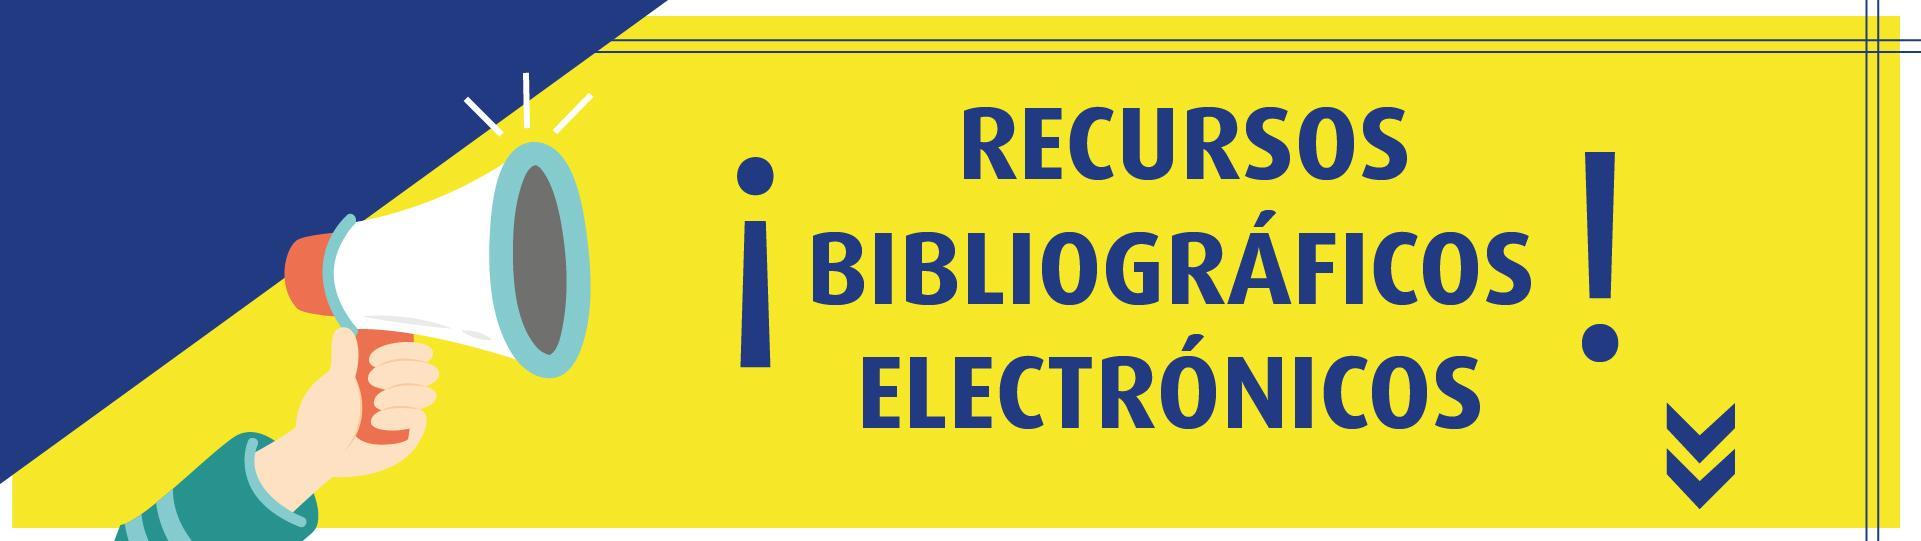 Recursos bibliográficos electrónicos Uniandes